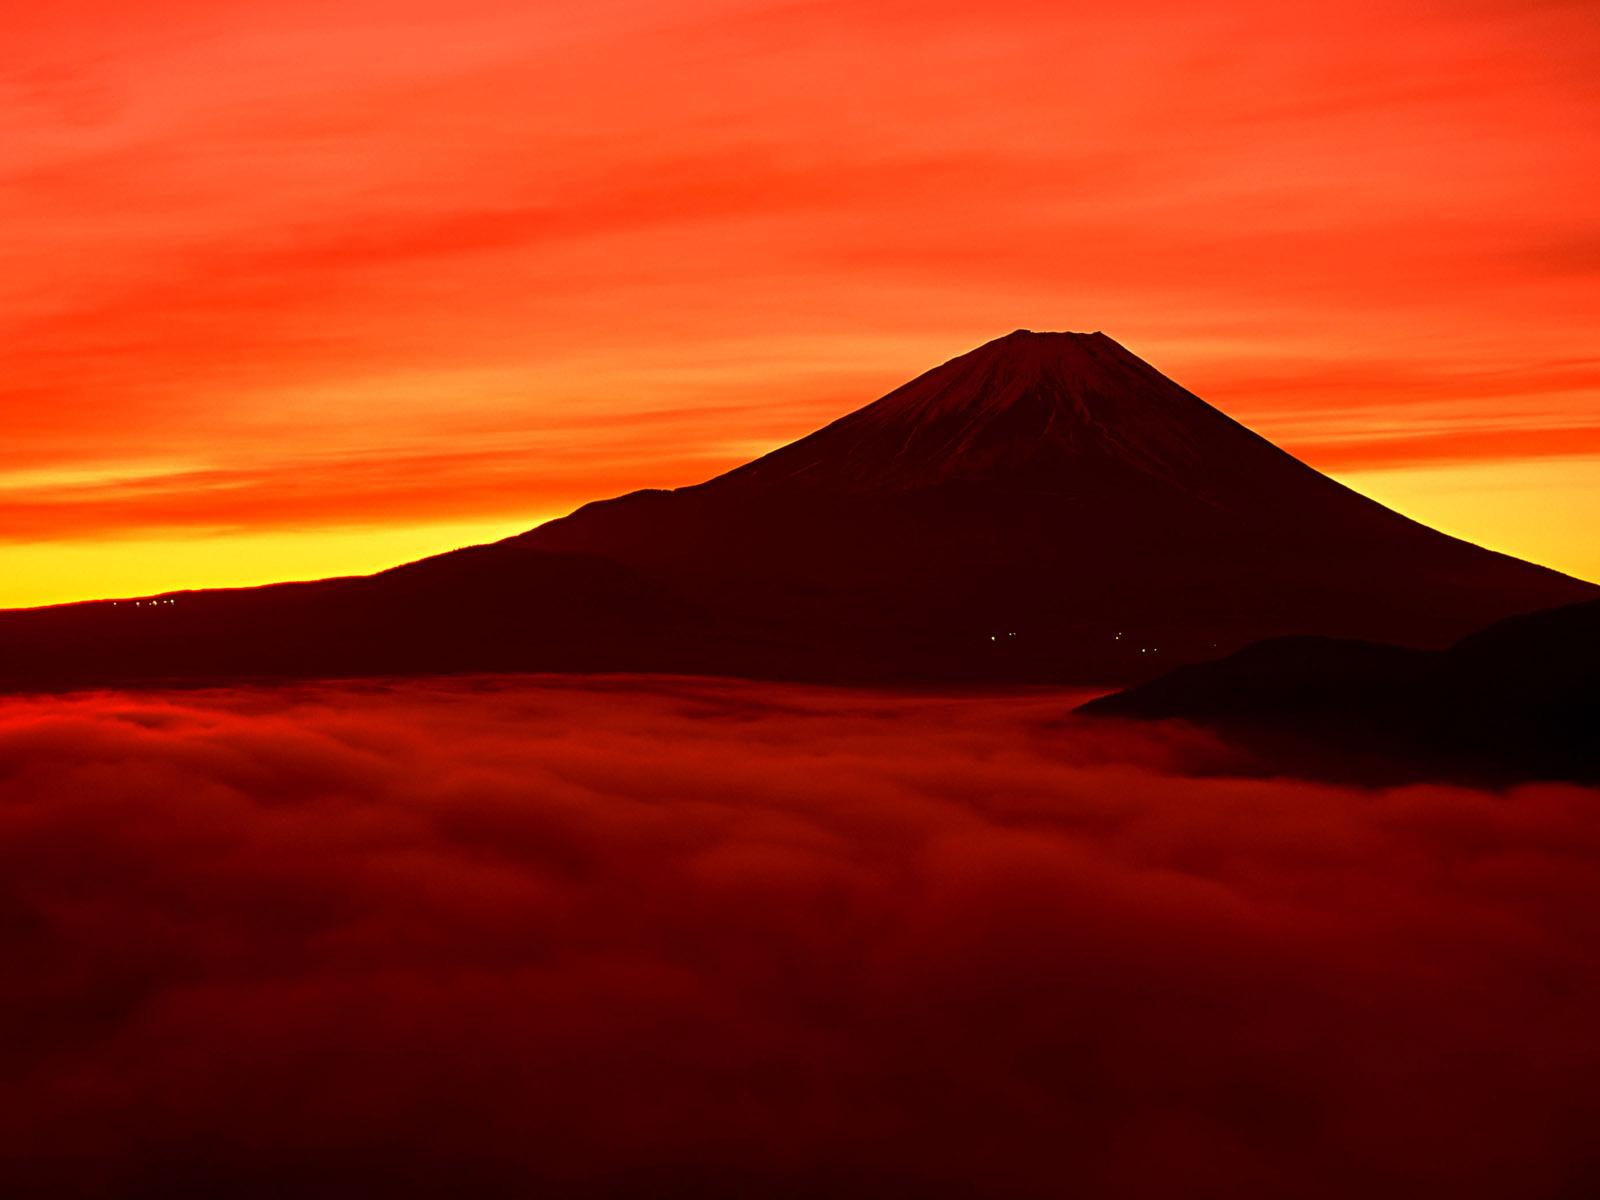 Mount Fuji In Evening 1600 1200 Mountain Wallpaper 1600x1200